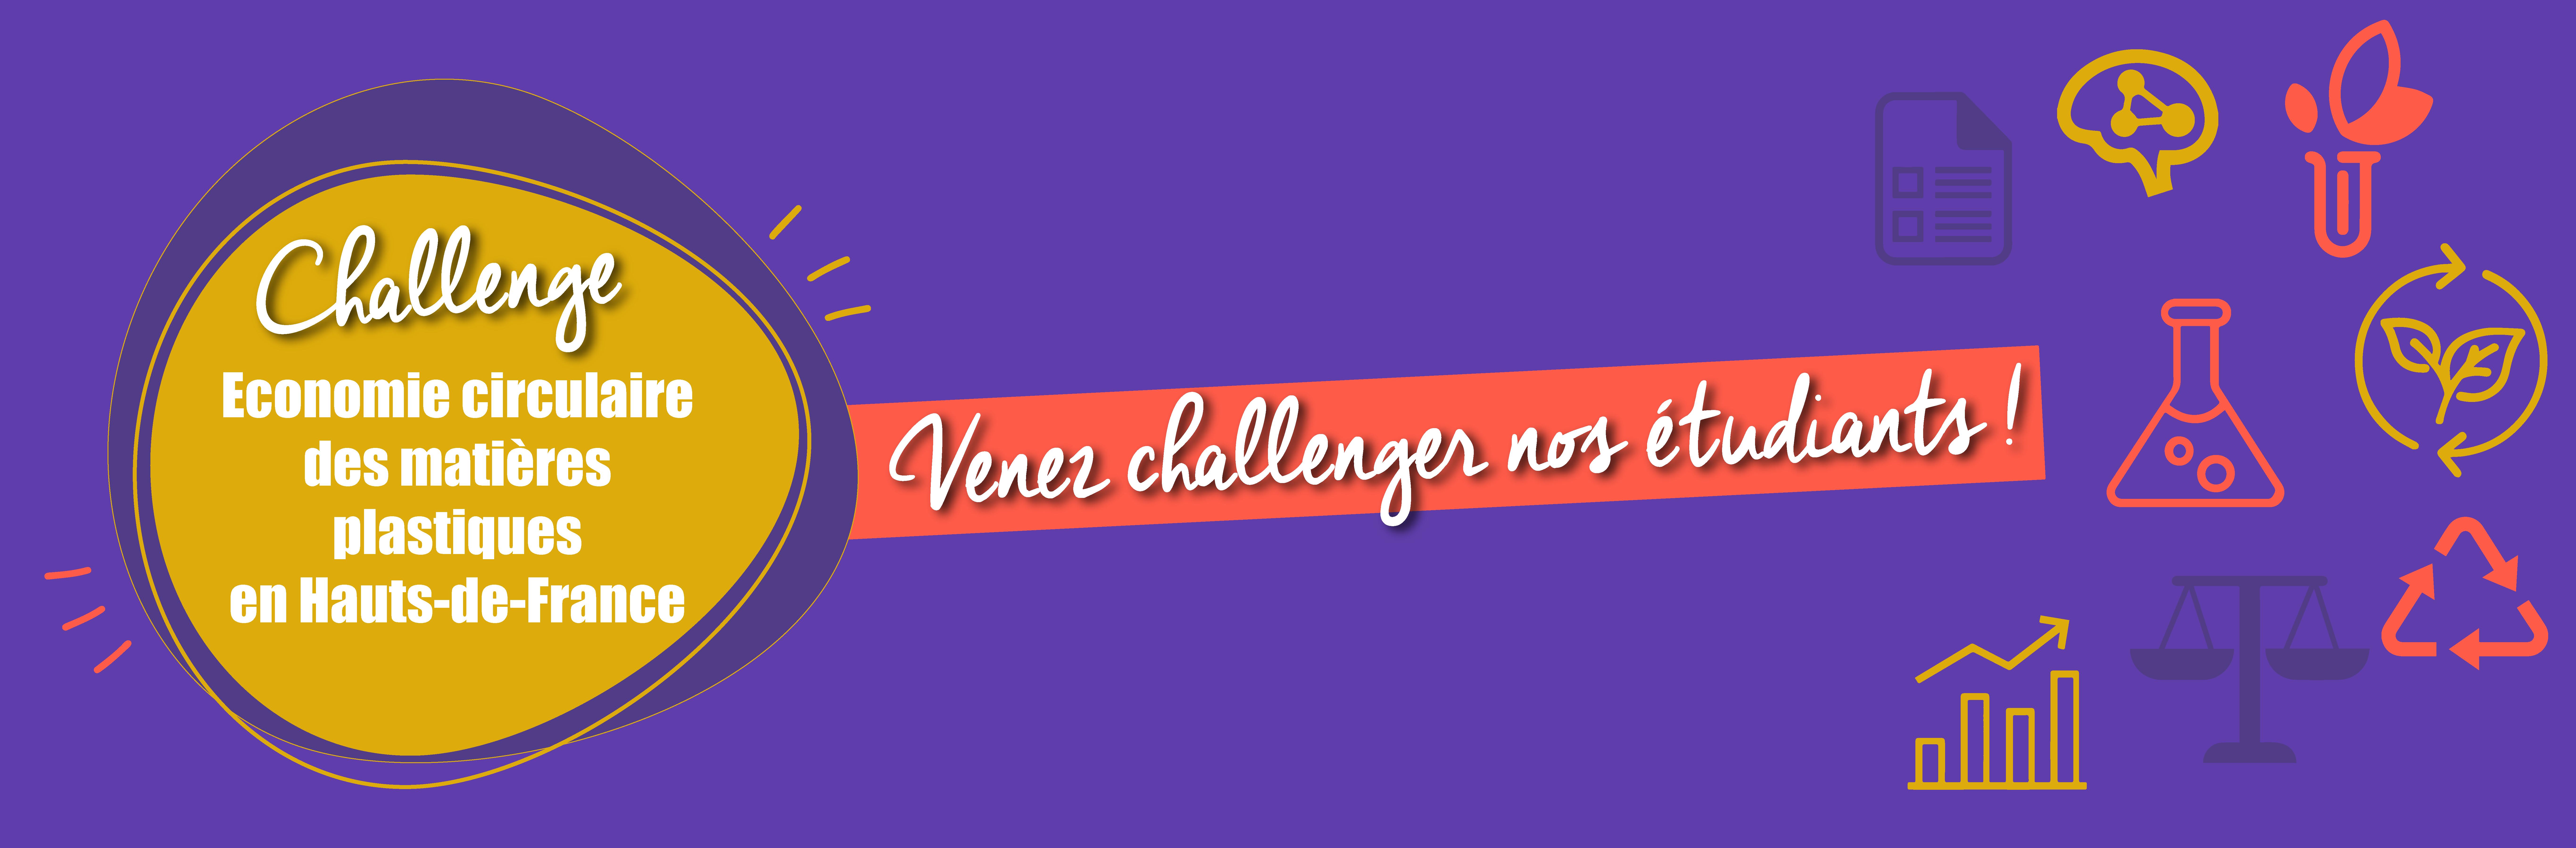 Venez challenger nos étudiants !